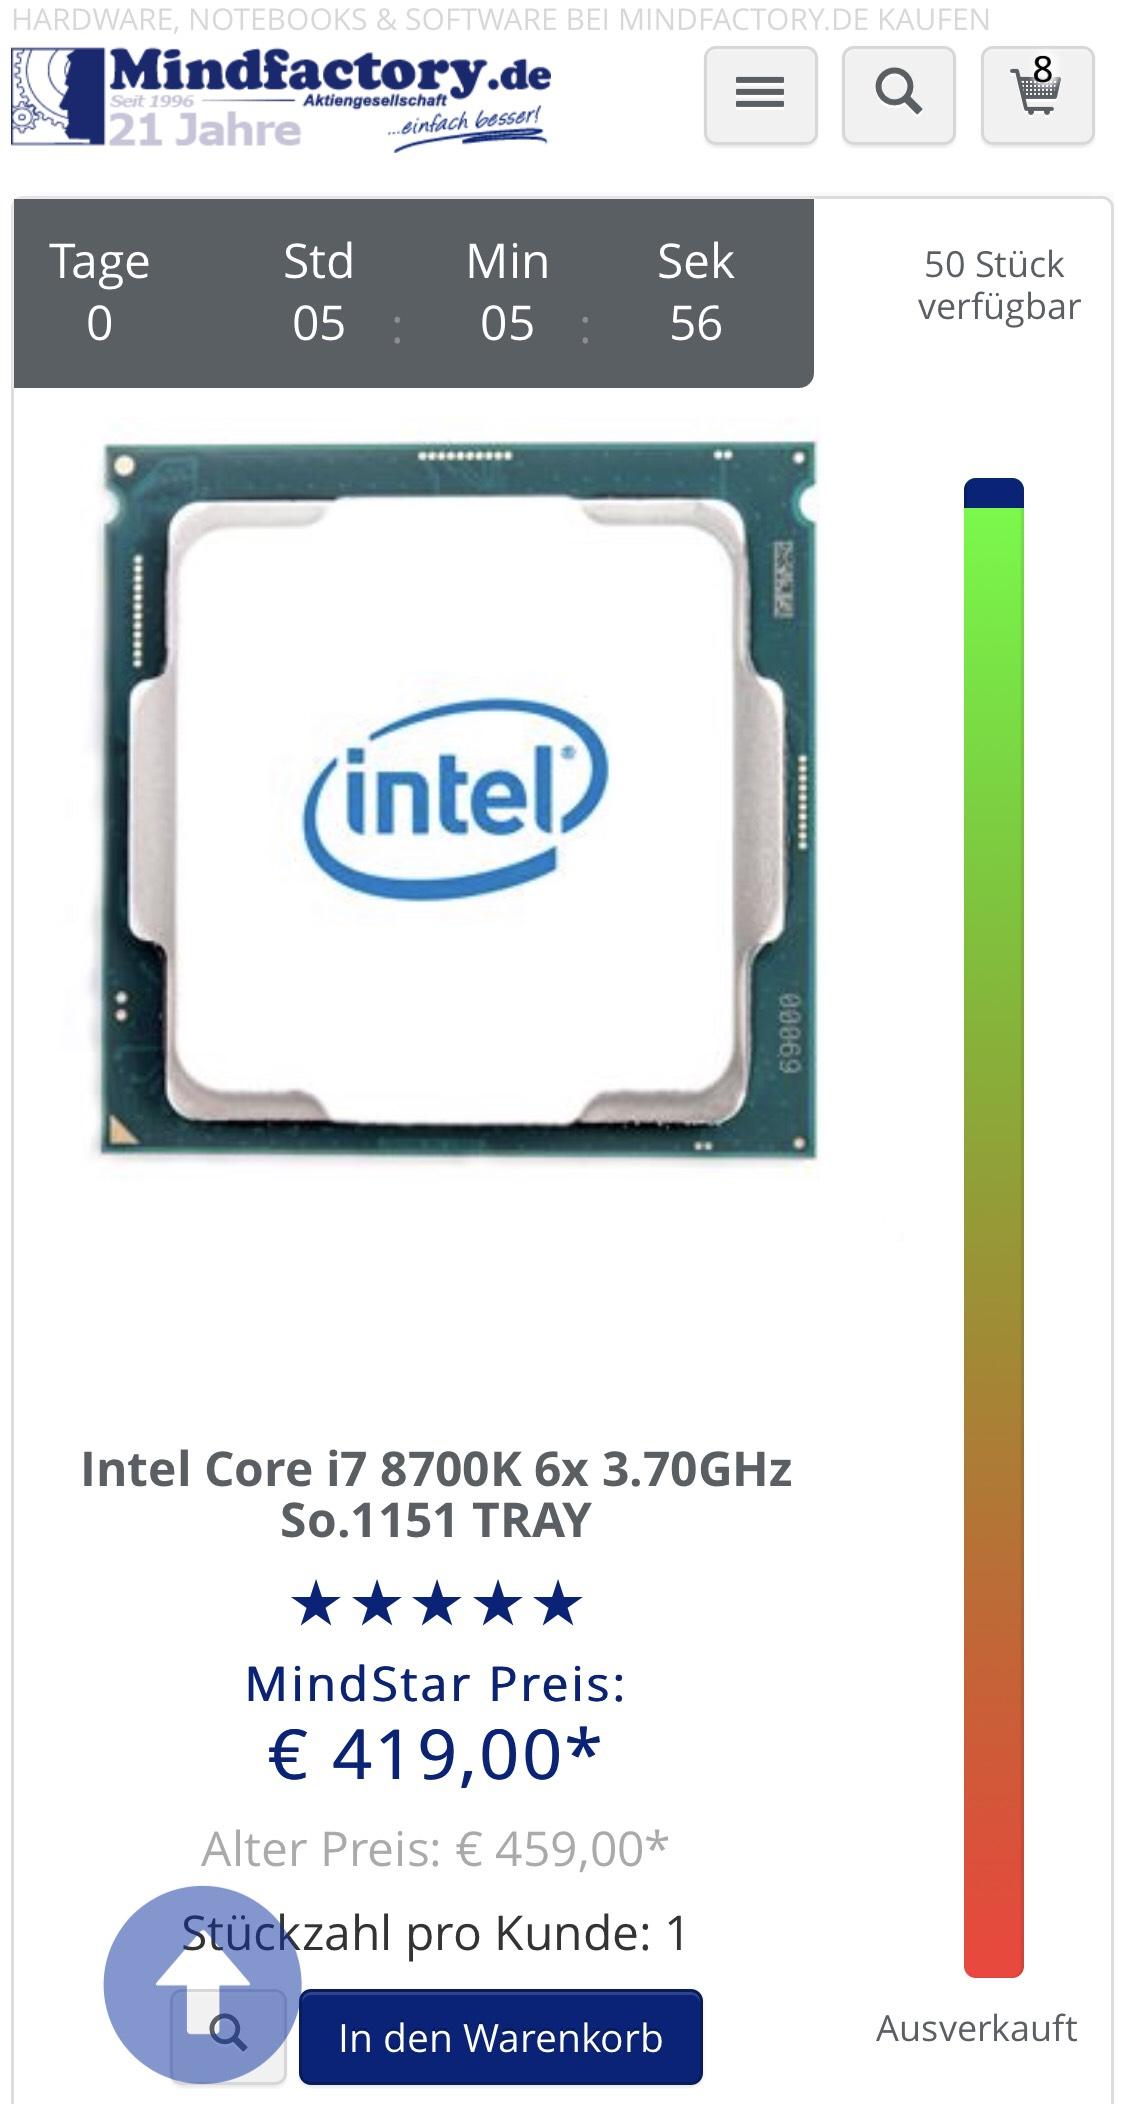 [Mindstar] I7 8700k Tray